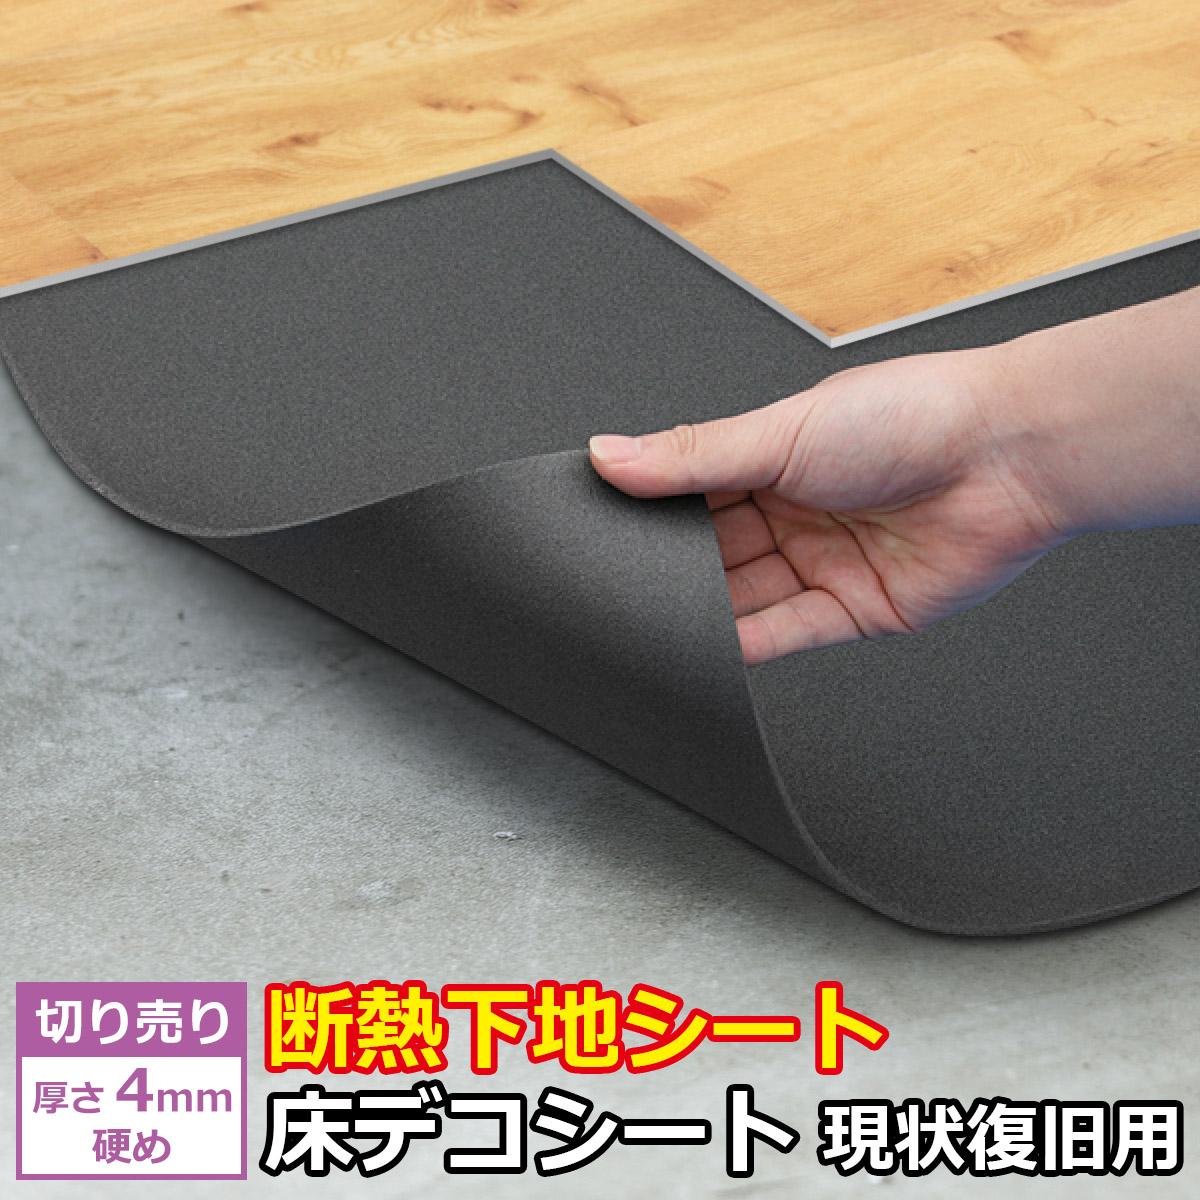 切り売り 防音・断熱下地材 床デコシート 現状復旧用